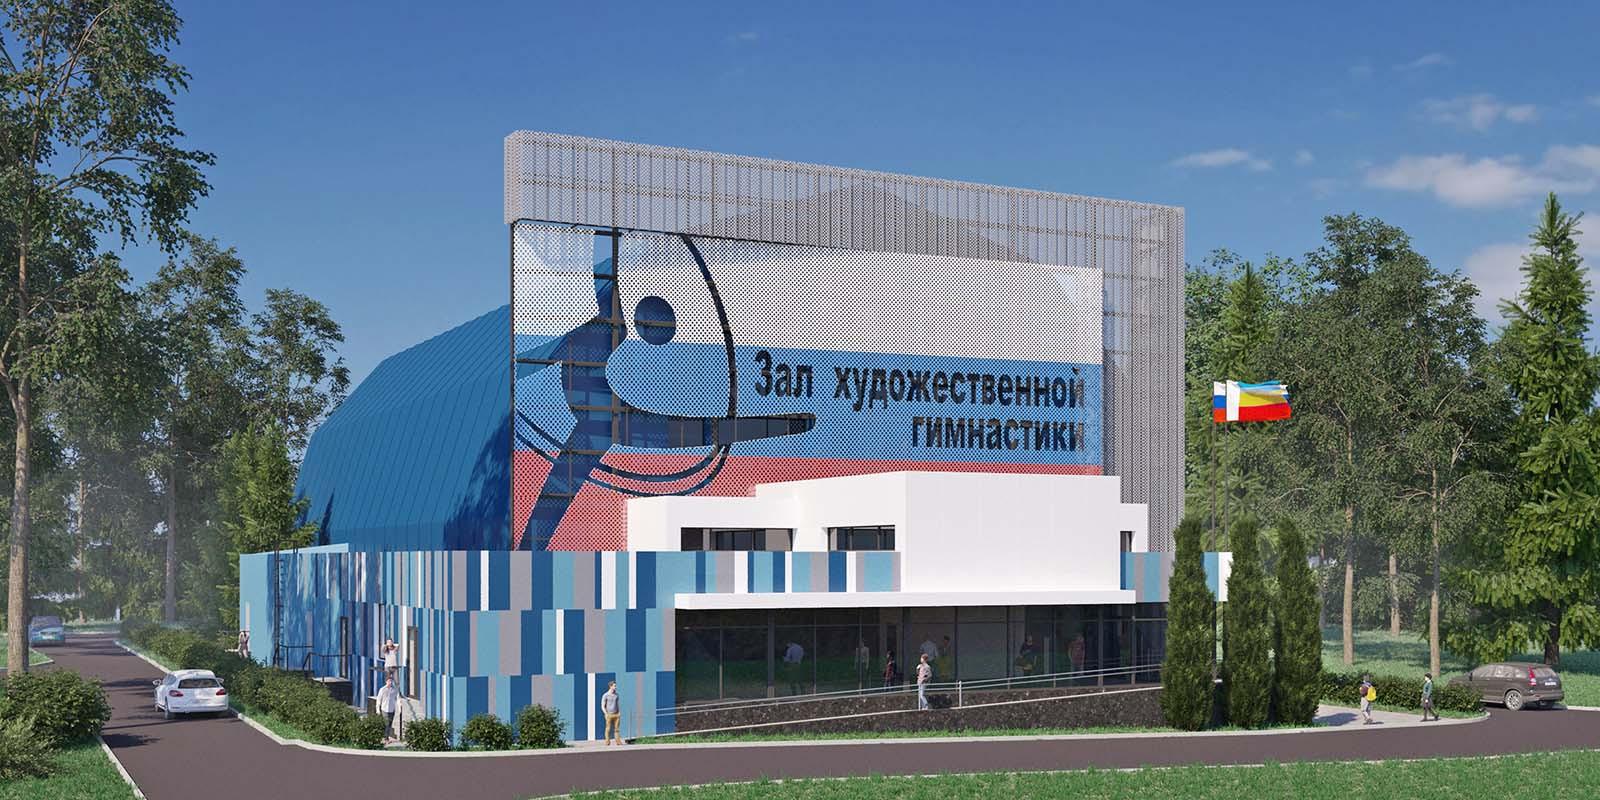 Проект входной группы для унифицированных спортзаловв городе Ростове-на-Дону